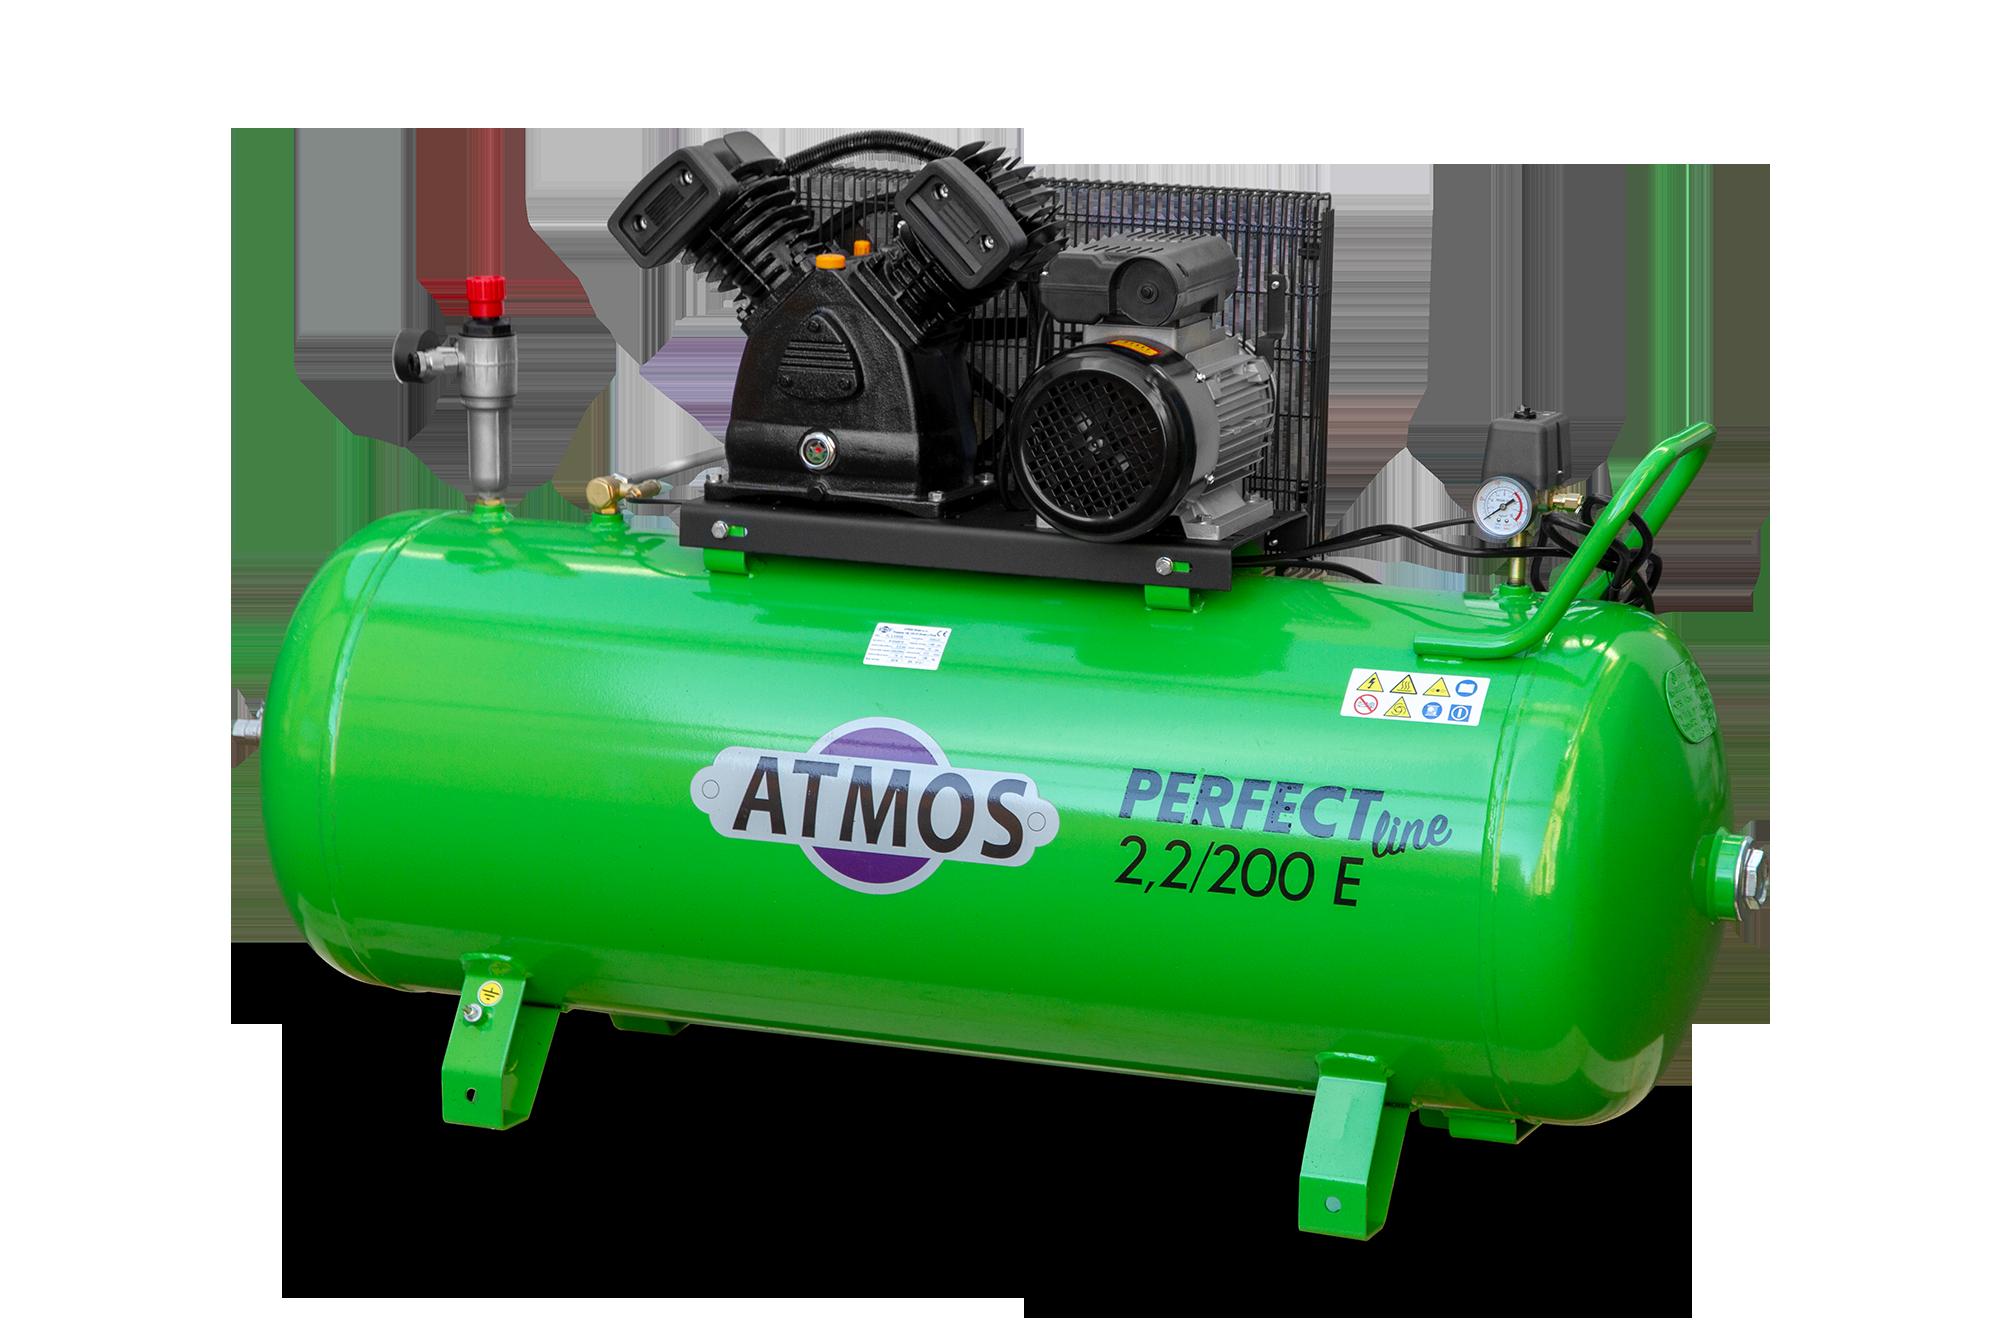 Atmos Pístový kompresor Perfect Line 2,2 kW - 200l E